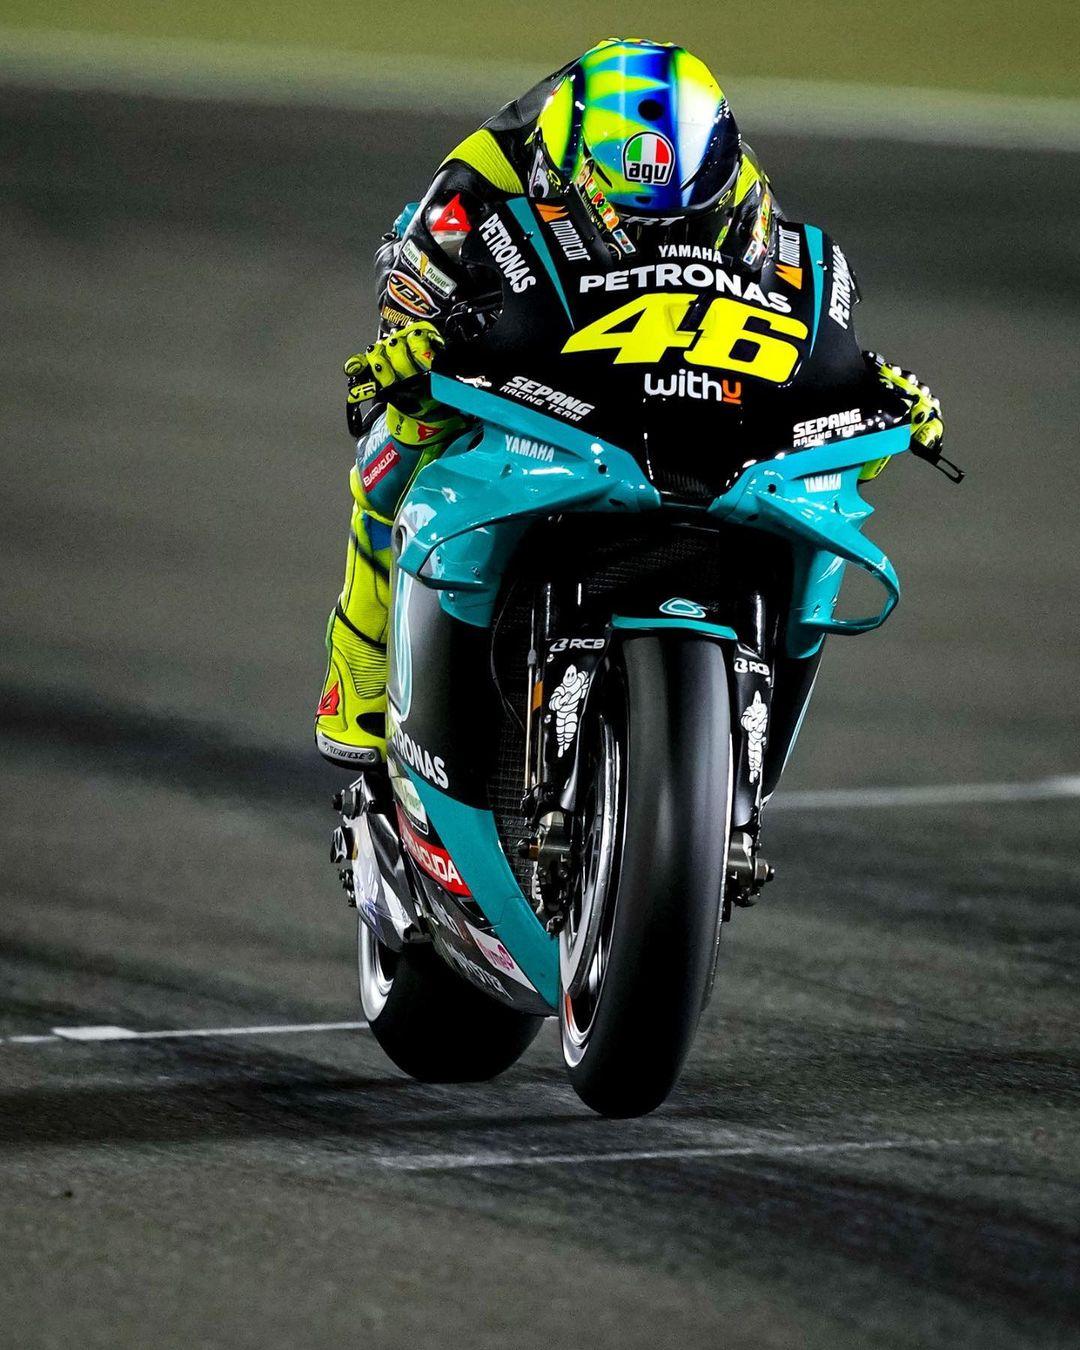 Valentino Rossi annuncia il ritiro dalla MotoGP